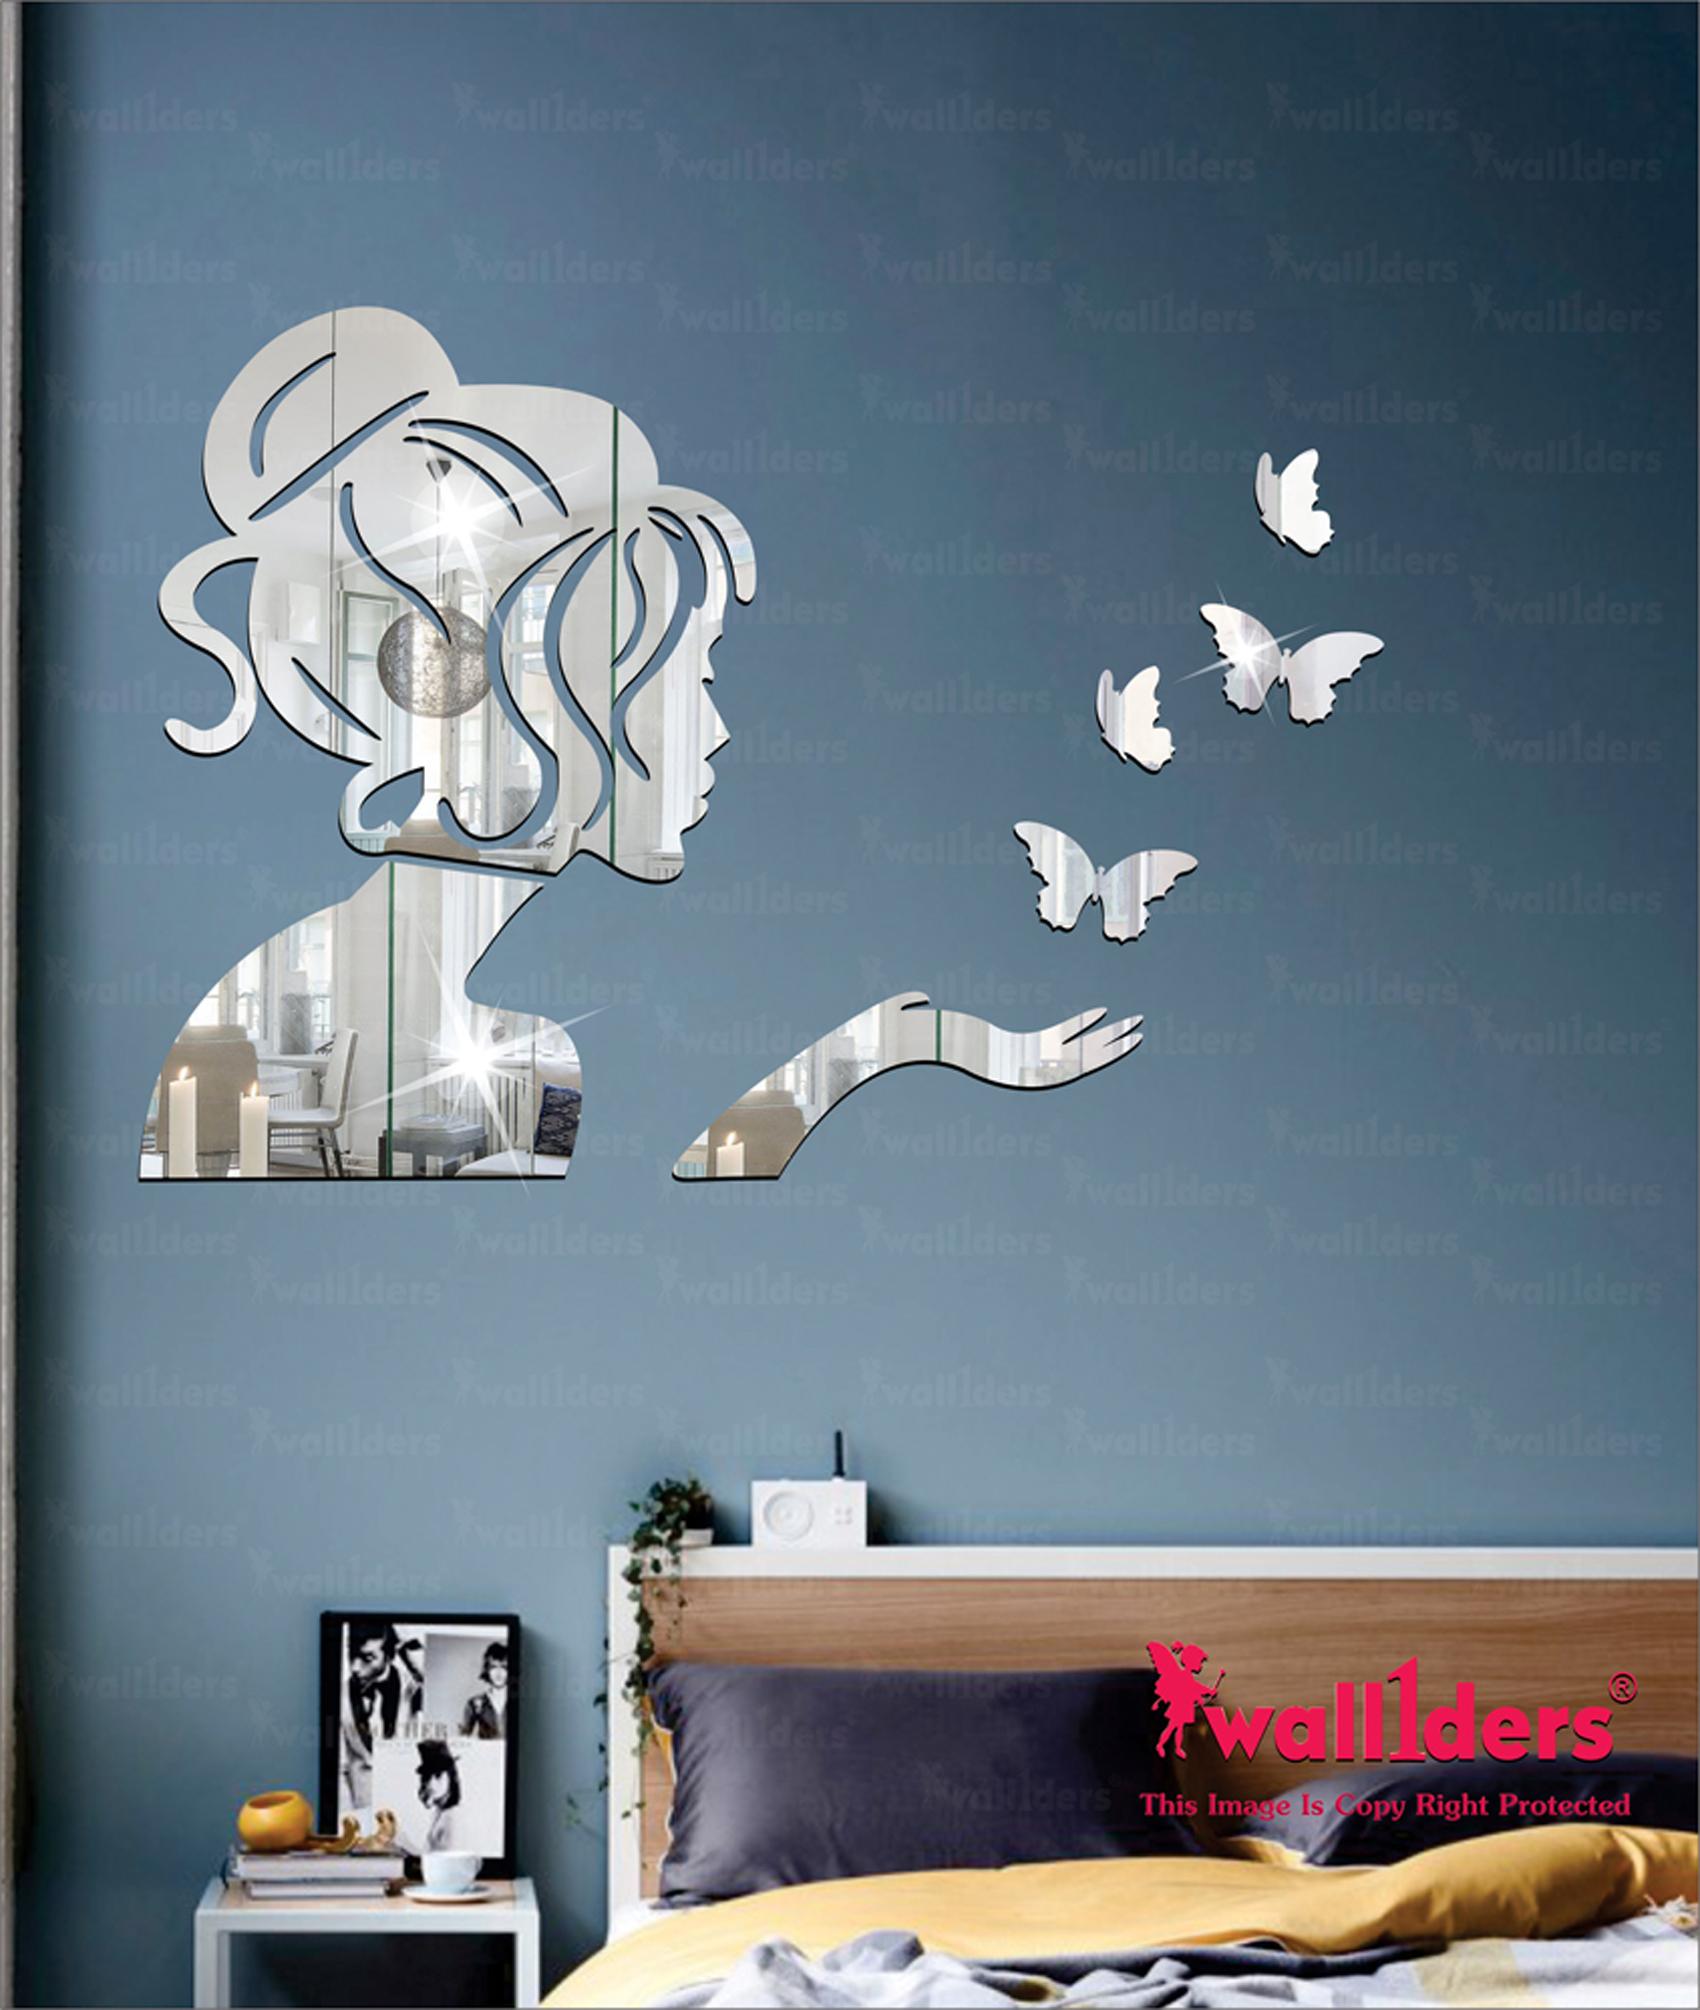 Wall1ders Angel 4 Butterflies Silver 3D Acrylic Stickers, 3D Acrylic Mirror Wall Stickers for Home Offices.